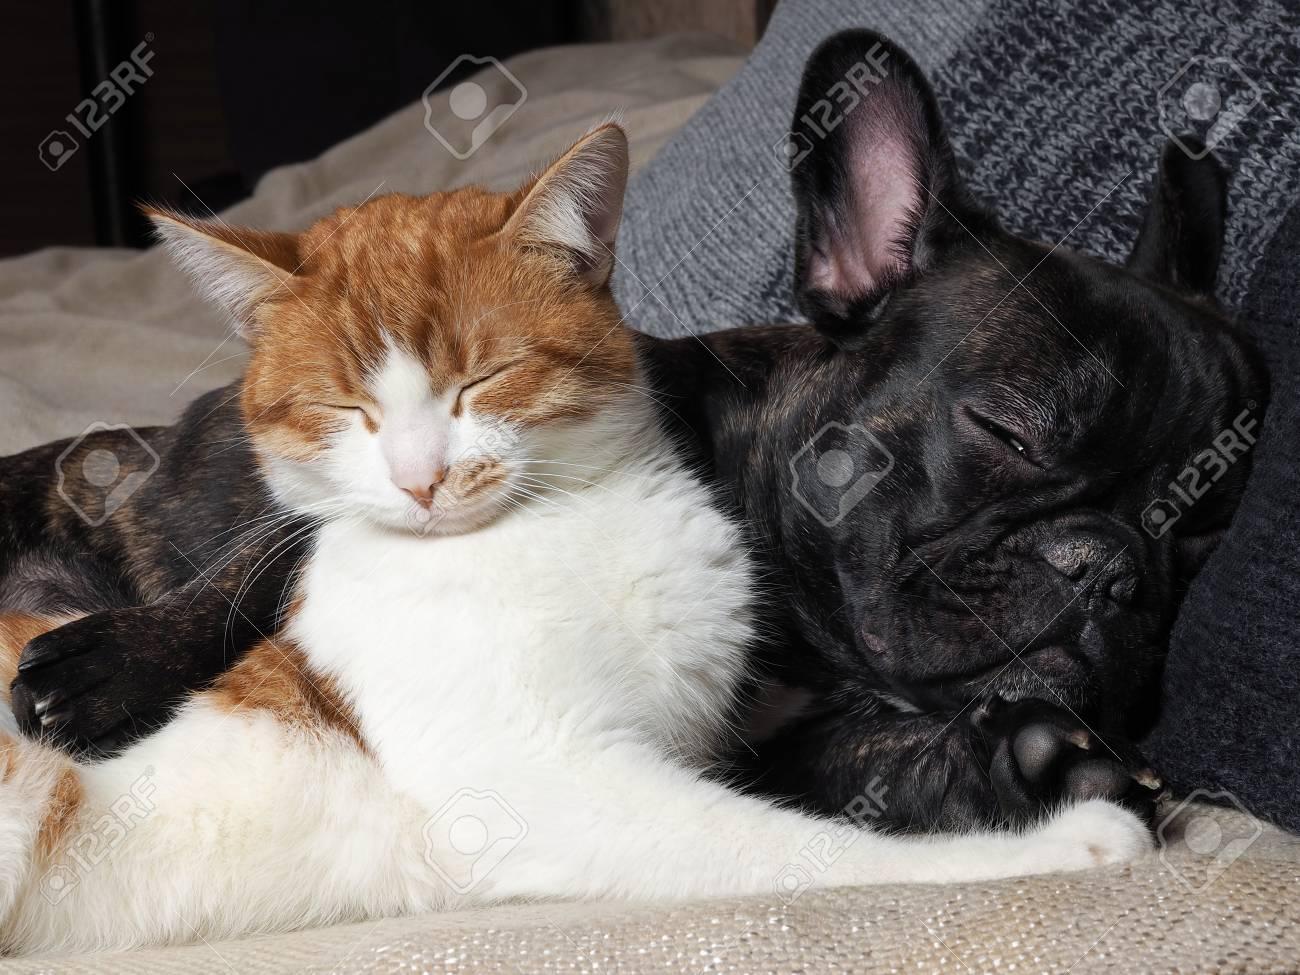 Immagini Stock Simpatico Gatto E Cane Che Dorme Insieme Il Gatto